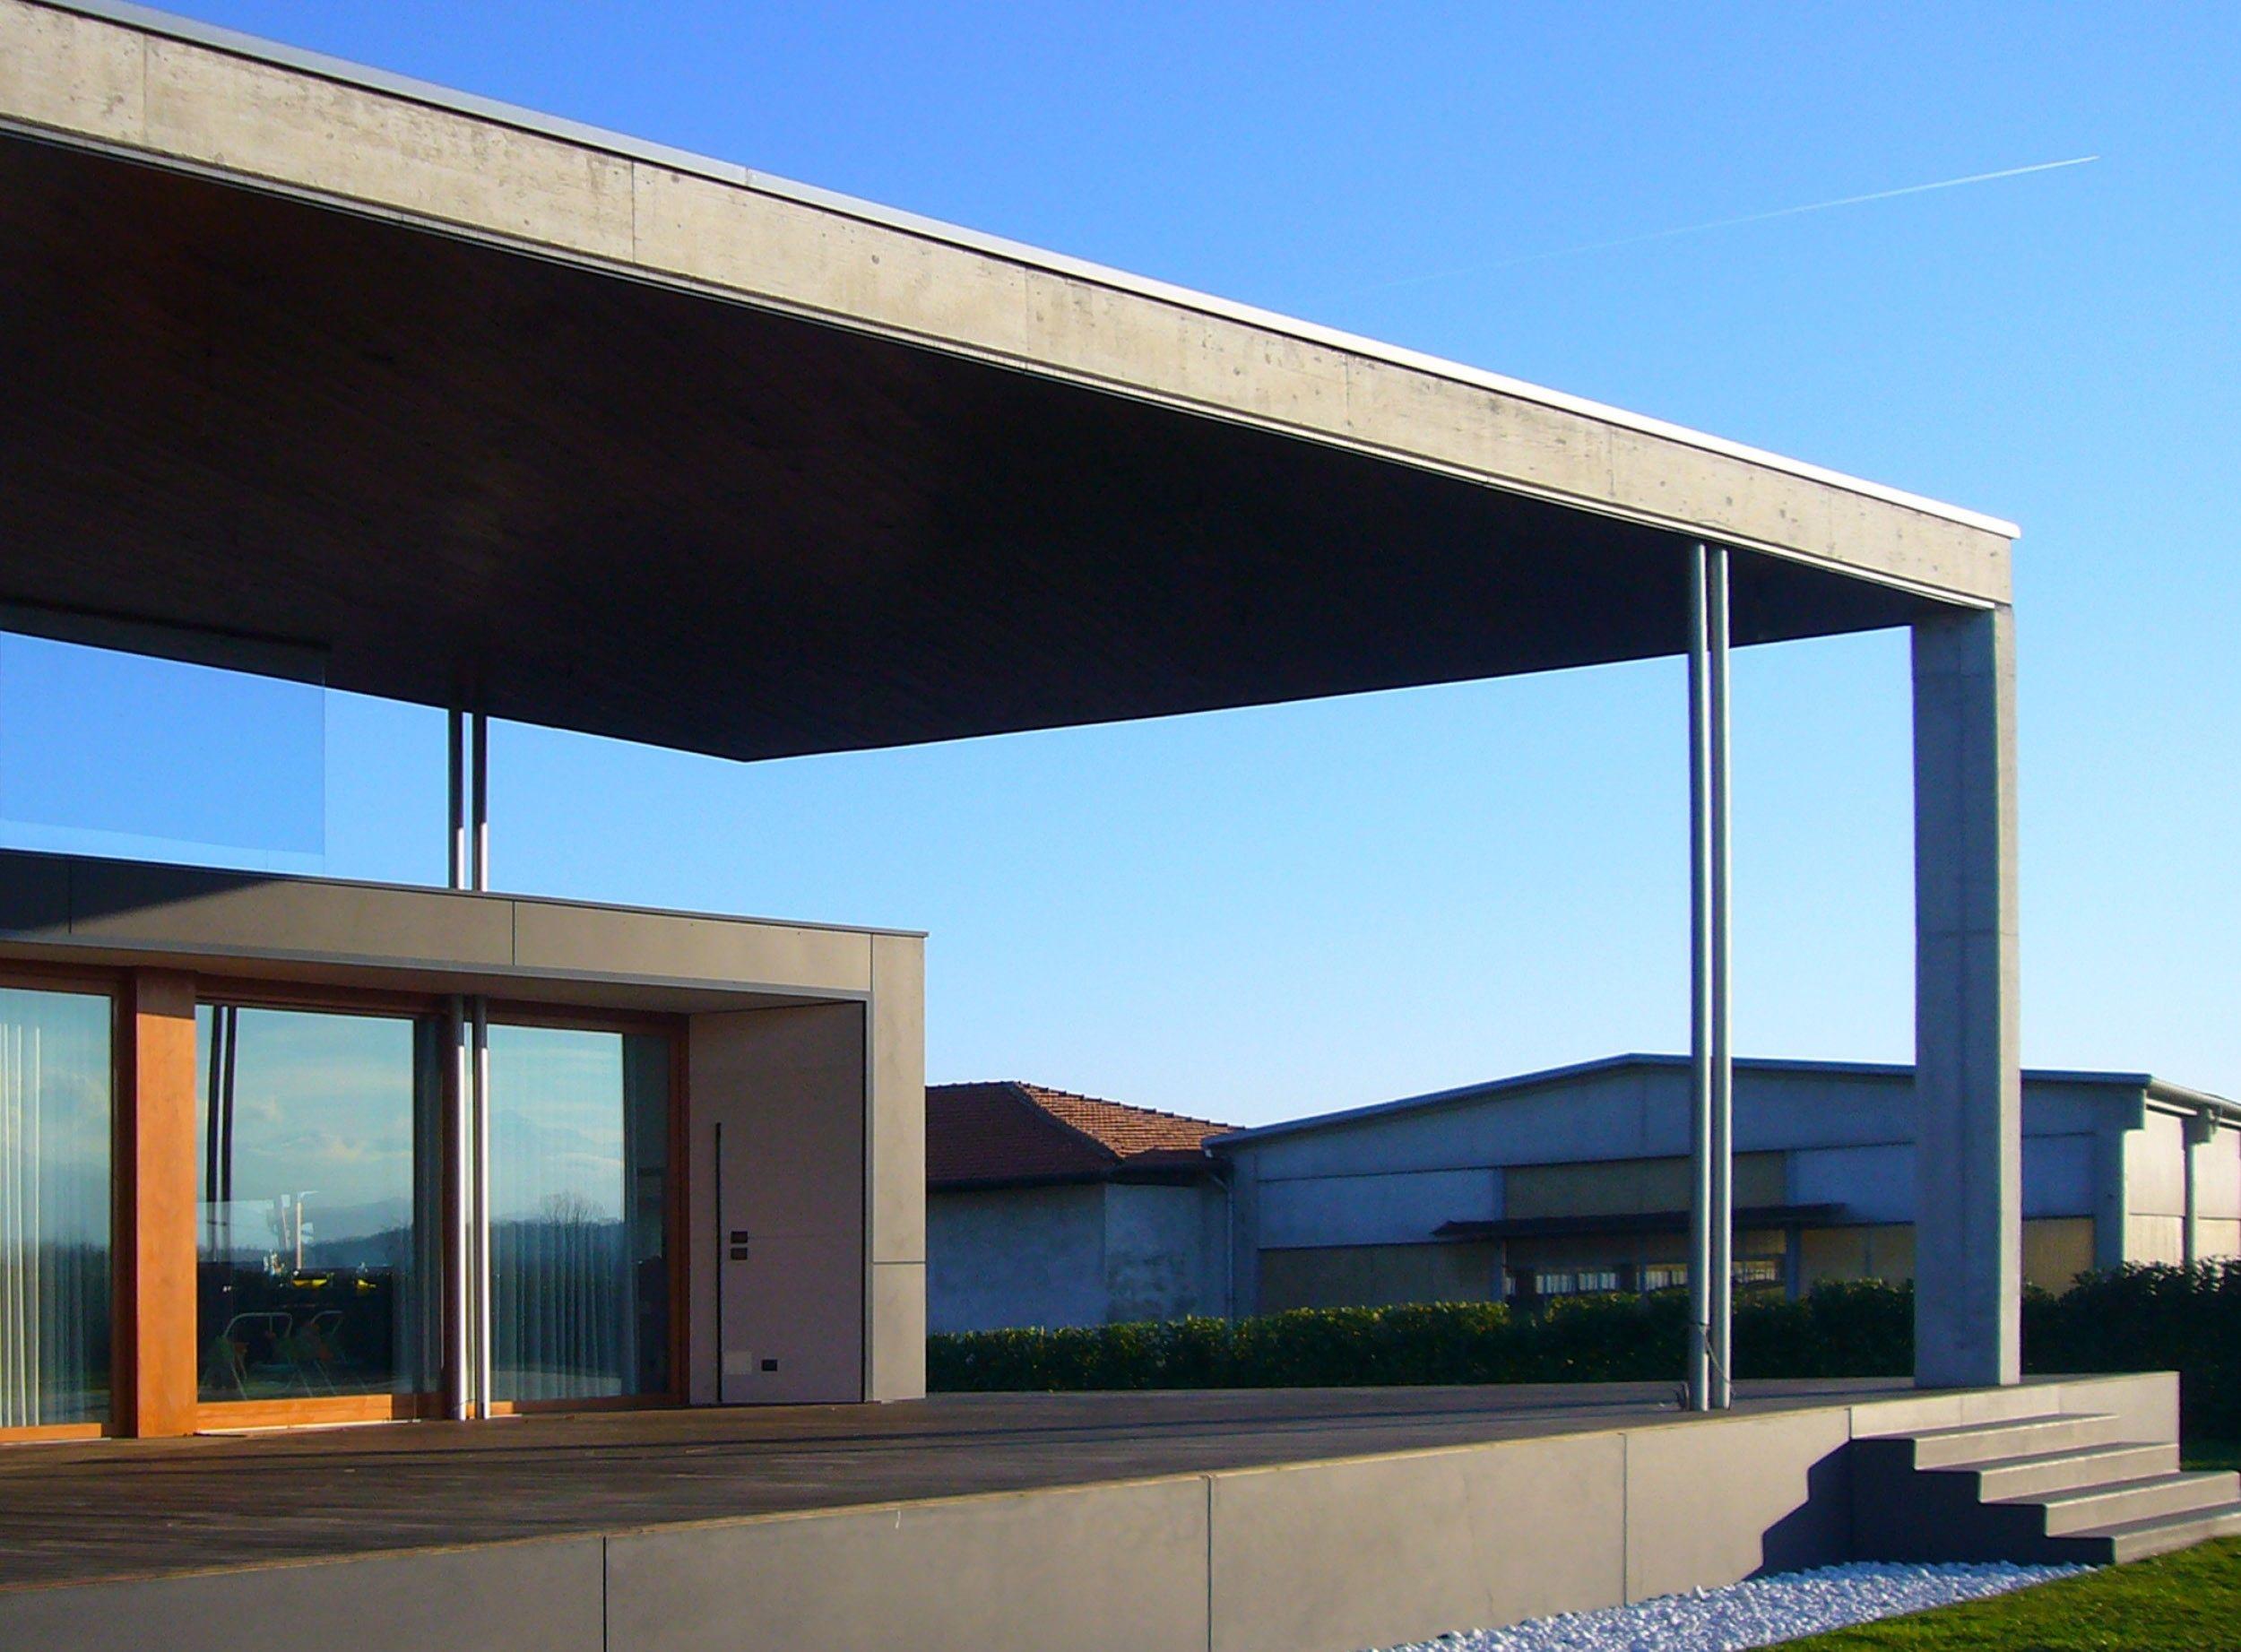 RIVAROSSA - Finalmente Open House sbarca in Canavese ed inserisce nel suo programma Casa Speranza